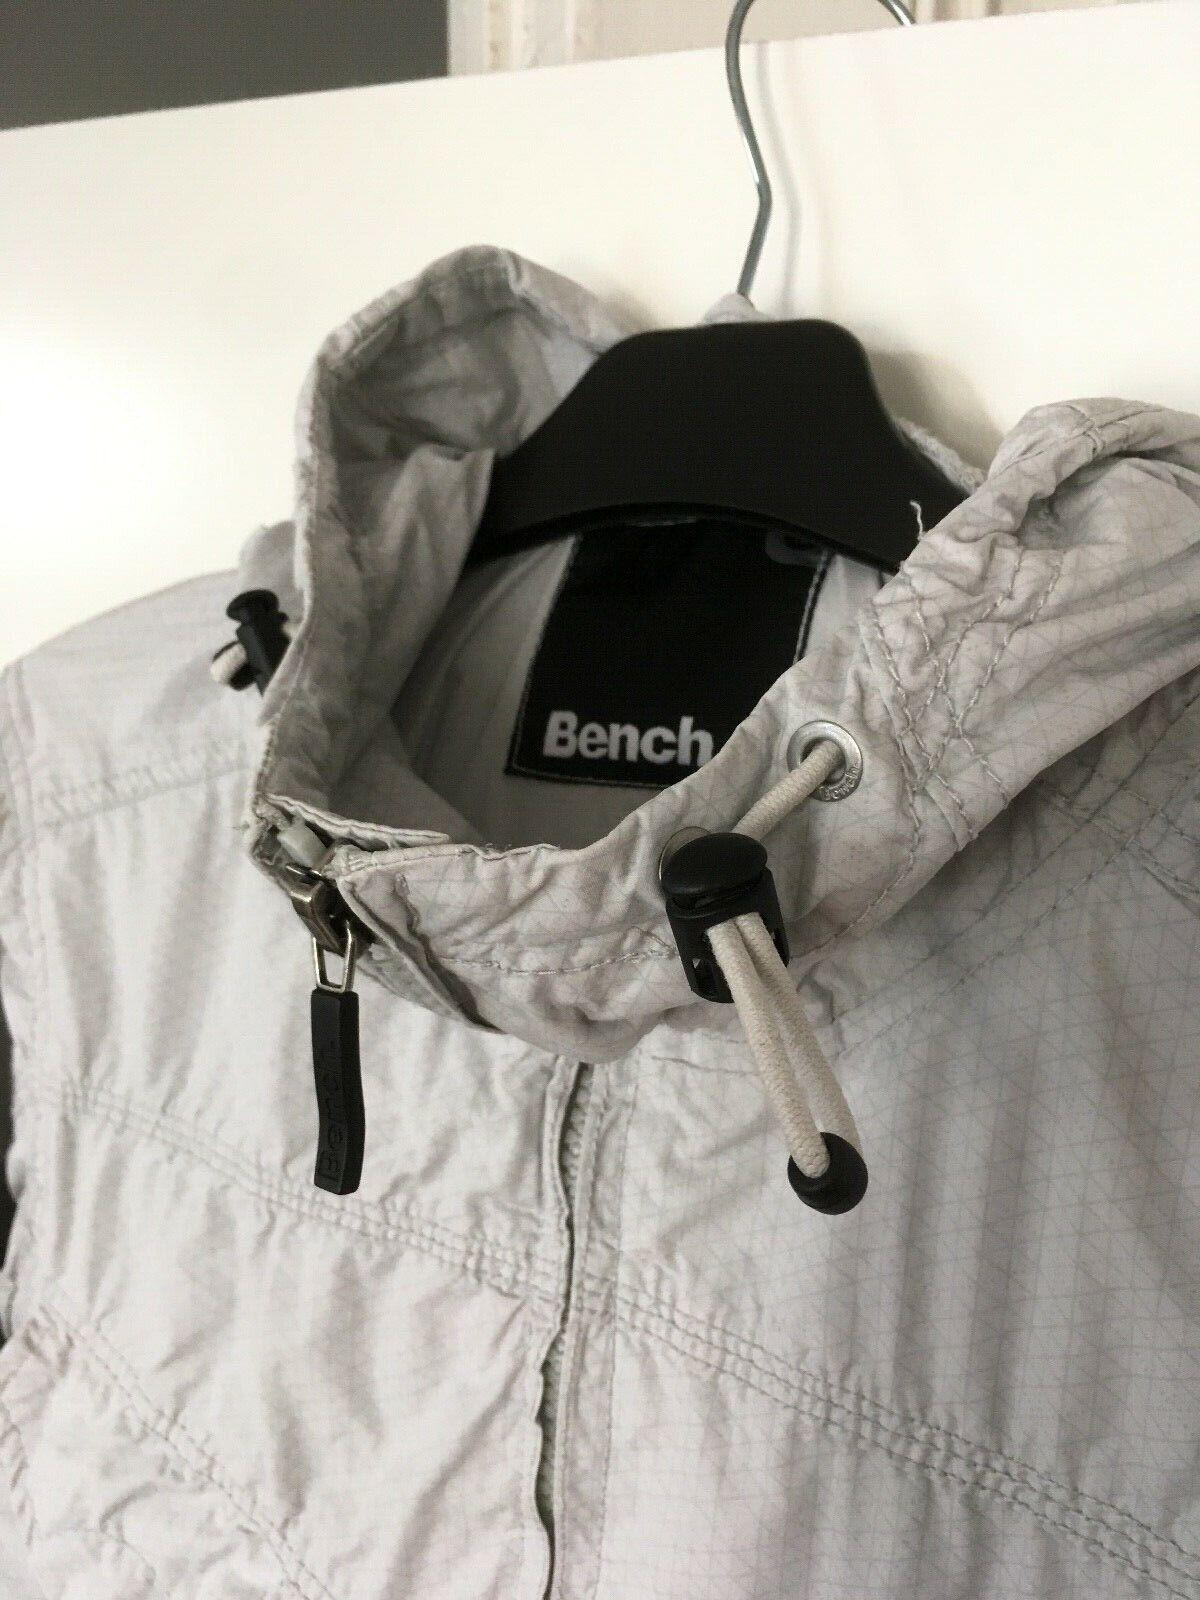 BENCH Jacke Blouson (No.0251438) Kapuze Gr. M Windbreaker Jacket